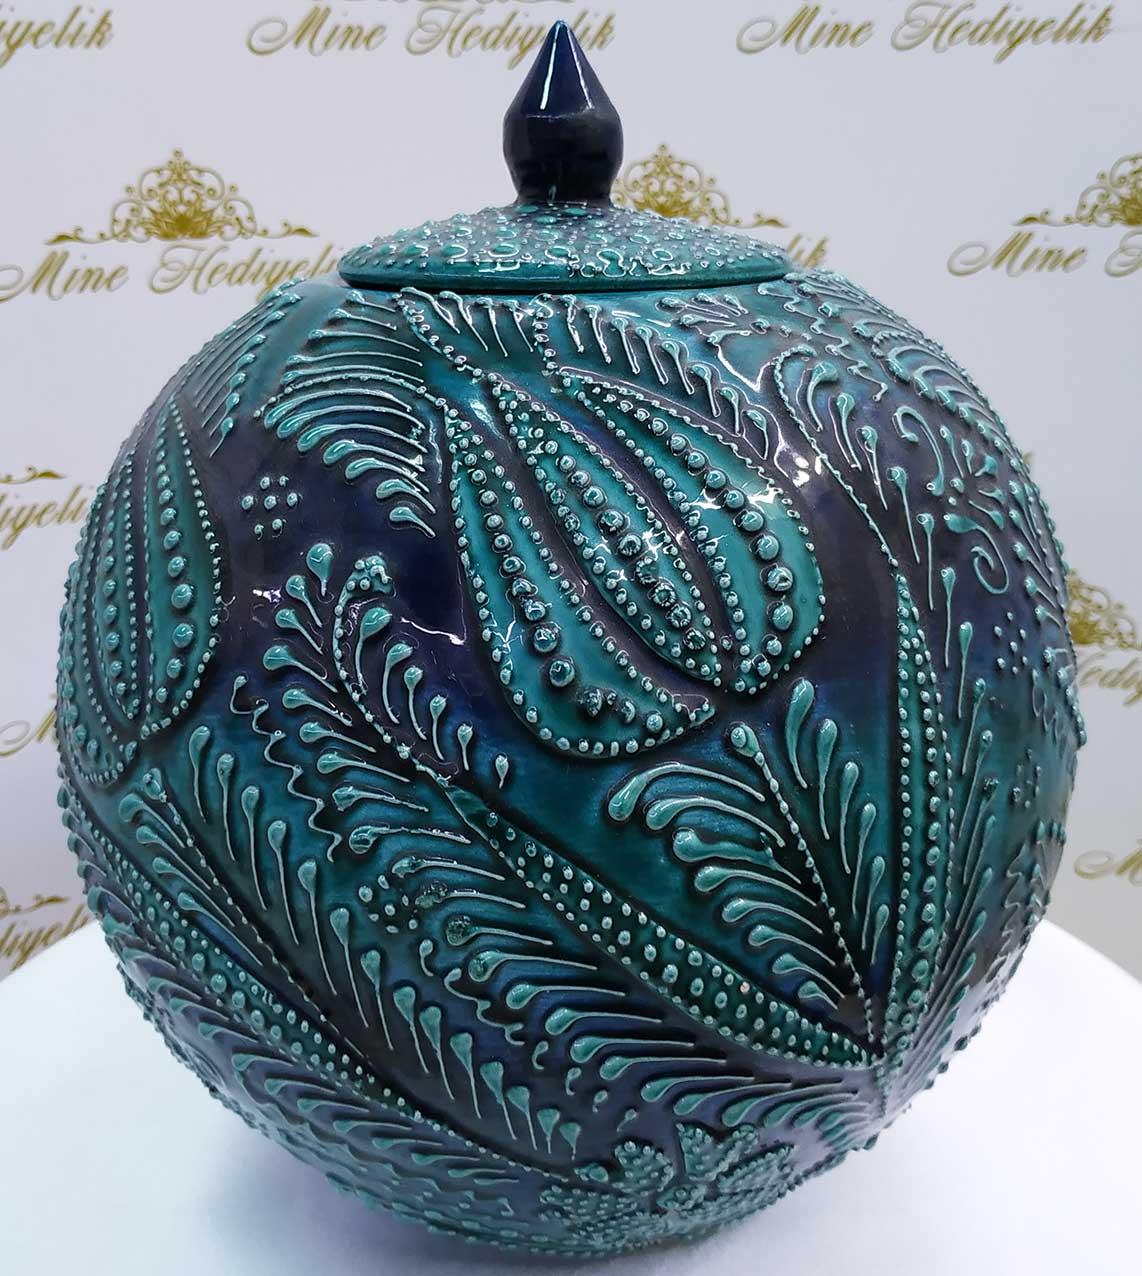 20 cm Çini Kavanozlar Osmanlı Dekoratif Hediyelik Eşyalar İznik Çinileri Kütahya Şapkalı Küre Küp Kavanoz Desenleri ve Modelleri